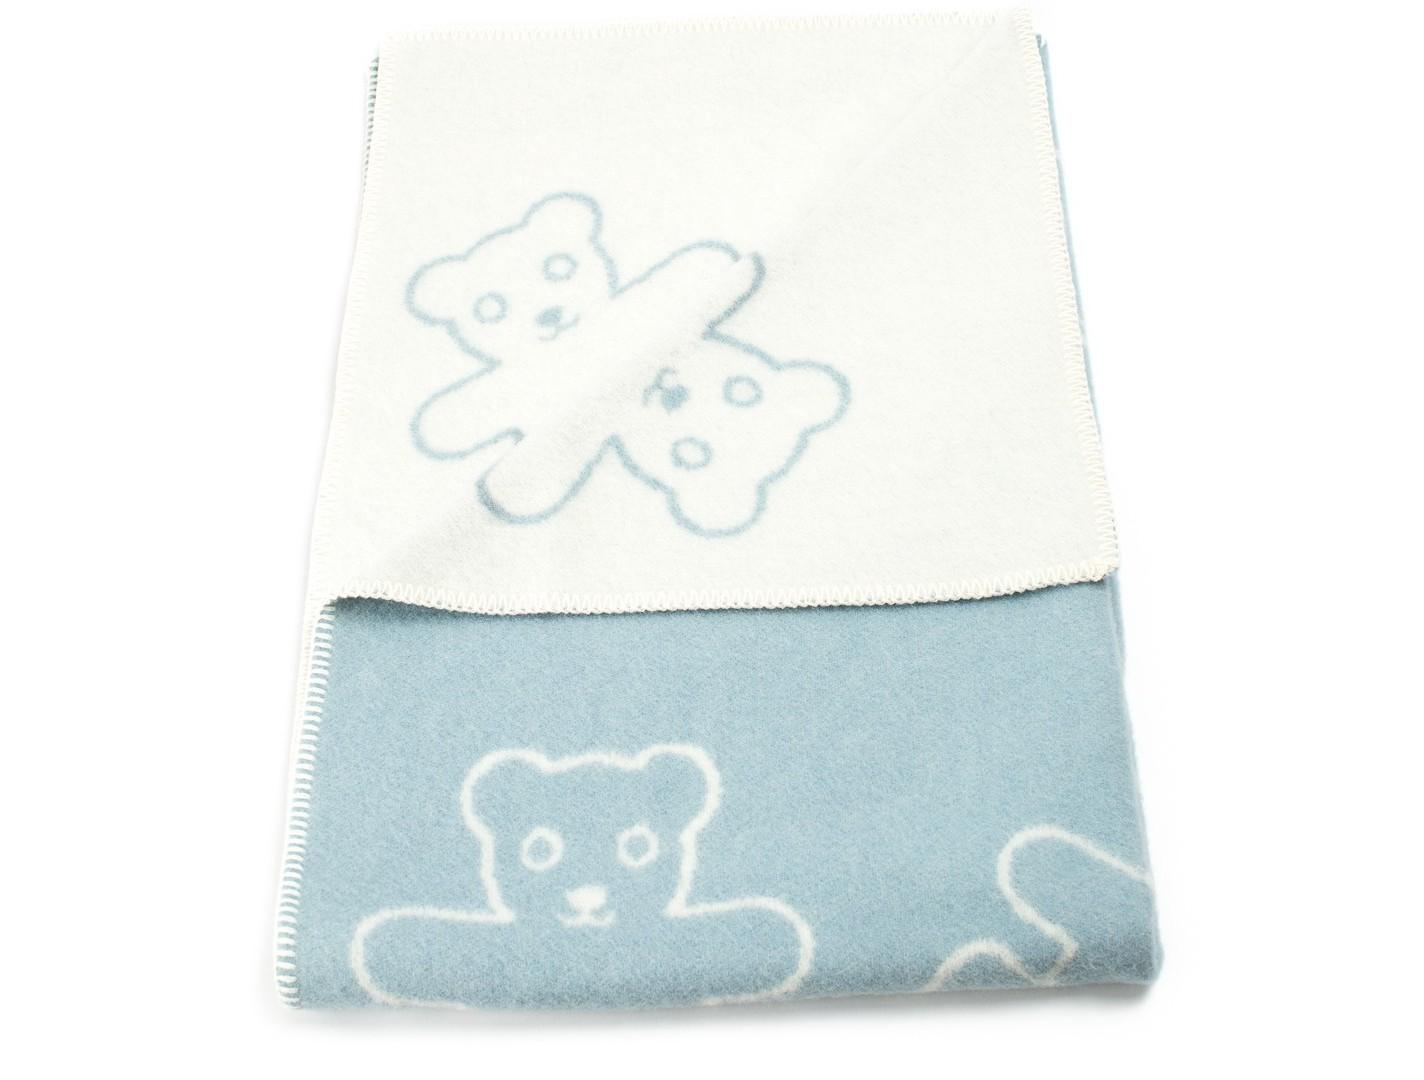 Плед Teddy BlueШерстяные пледы<br>Уютный детский плед с рисунком &amp;quot;Мишки&amp;quot;. Одна сторона - голубая, вторая - кремовая. Теплое, натуральное шерстяное одеяло для Вашего малыша!<br><br>Material: Шерсть<br>Ширина см: 90